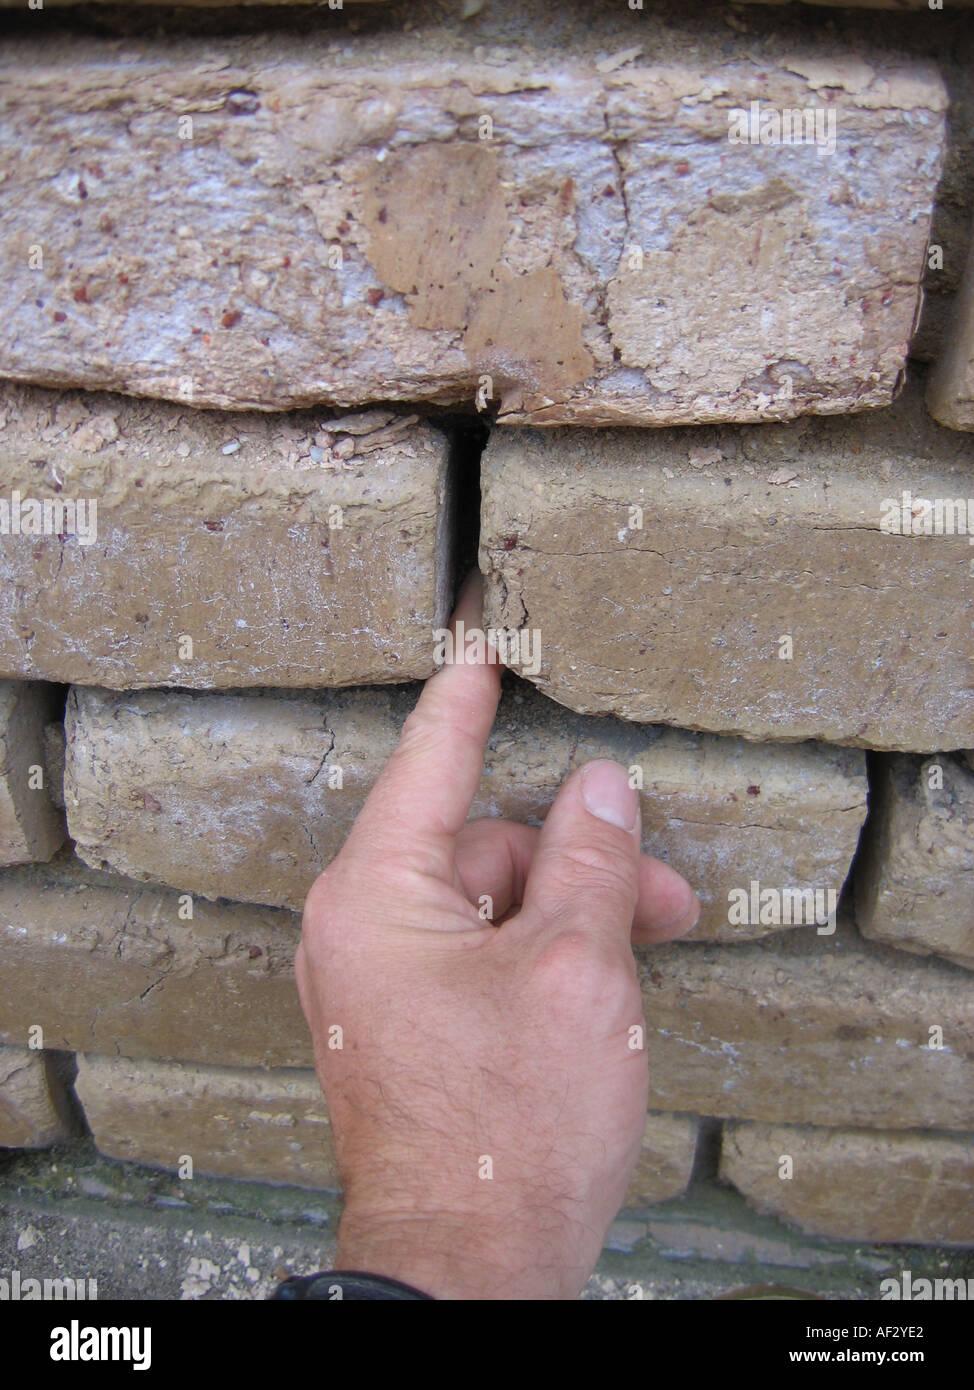 La salinidad afecta la sal ladrillos con mortero perdido Imagen De Stock